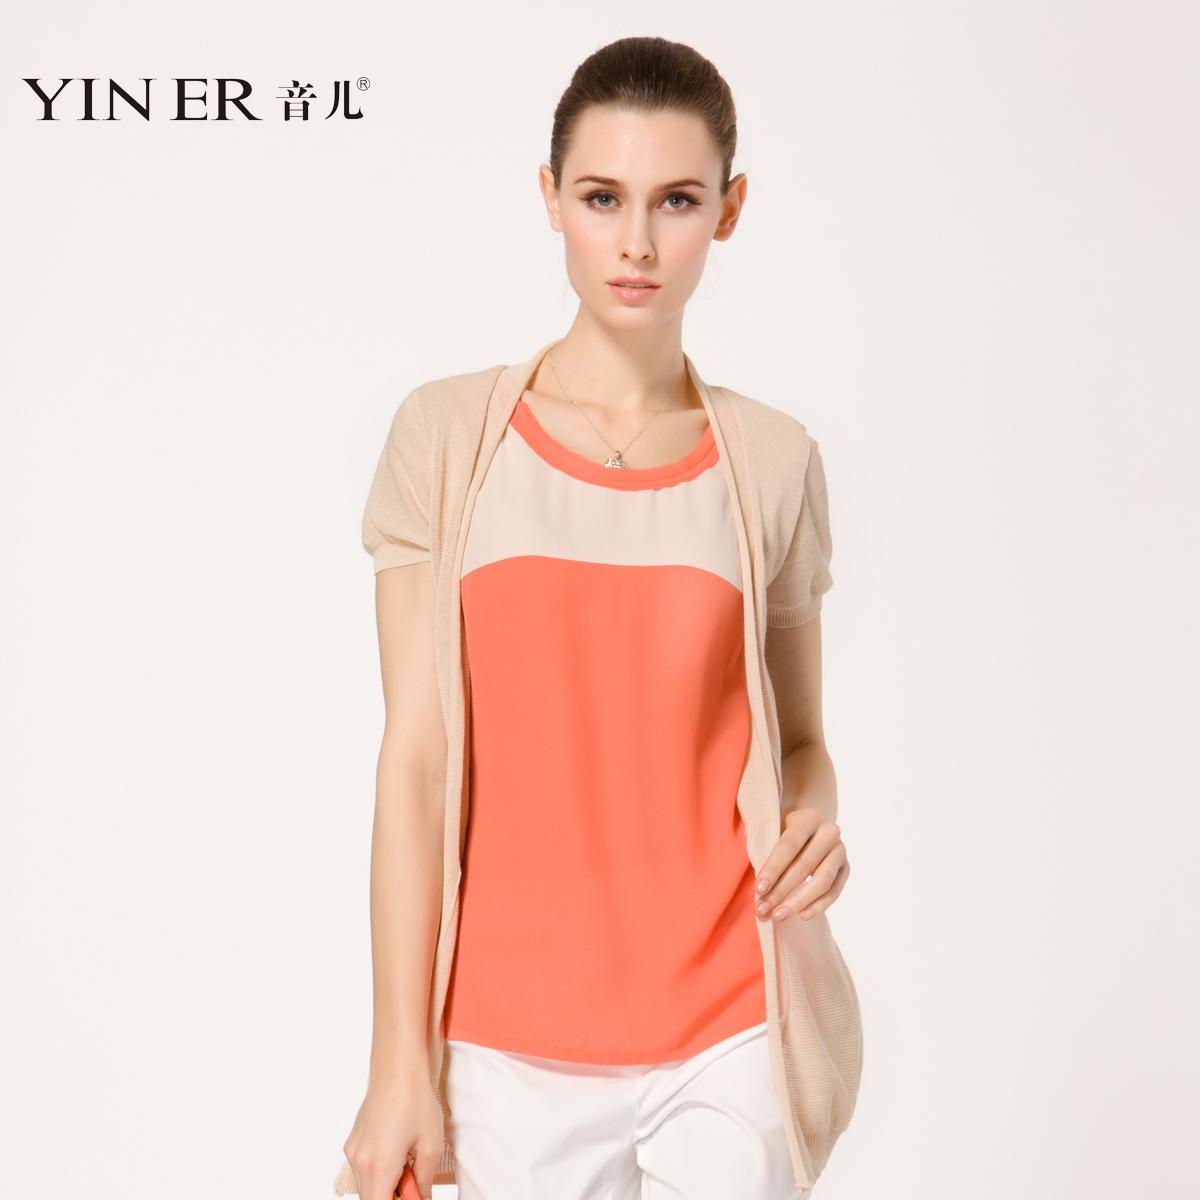 YINER音儿影儿 专柜正品2014夏新款杏色经典假两件针织衫83206430